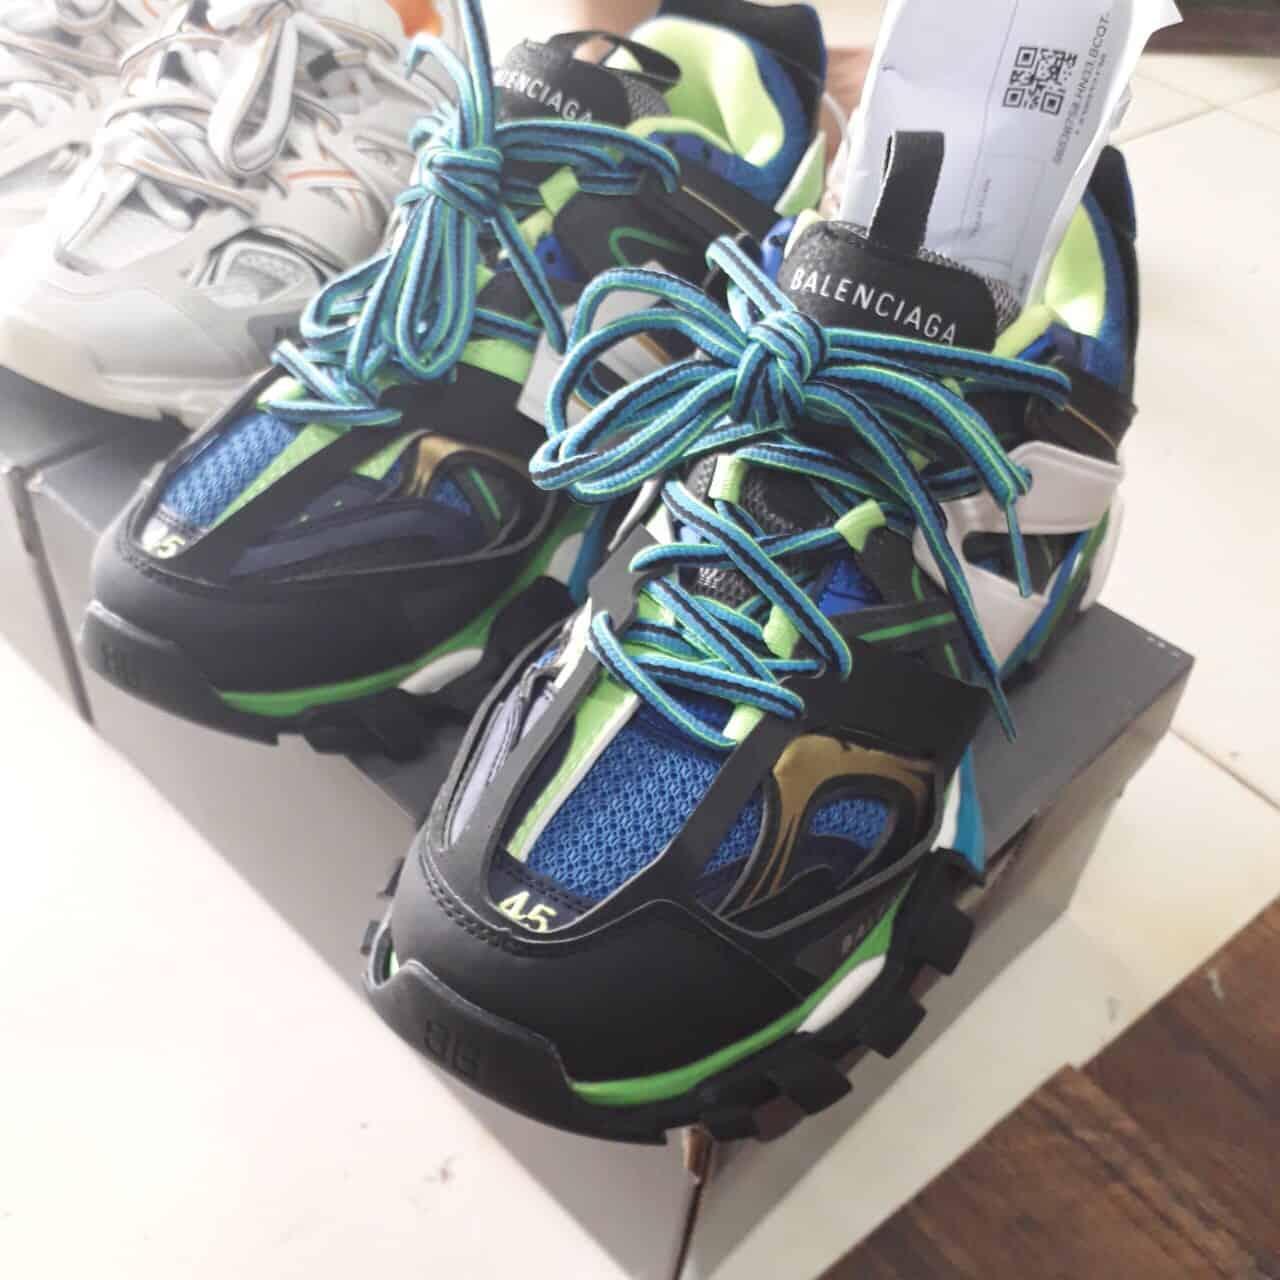 Giày thể thao Balenciaga Track Xanh Đen cuốn hút, ấn tượng với gam màu độc lạ